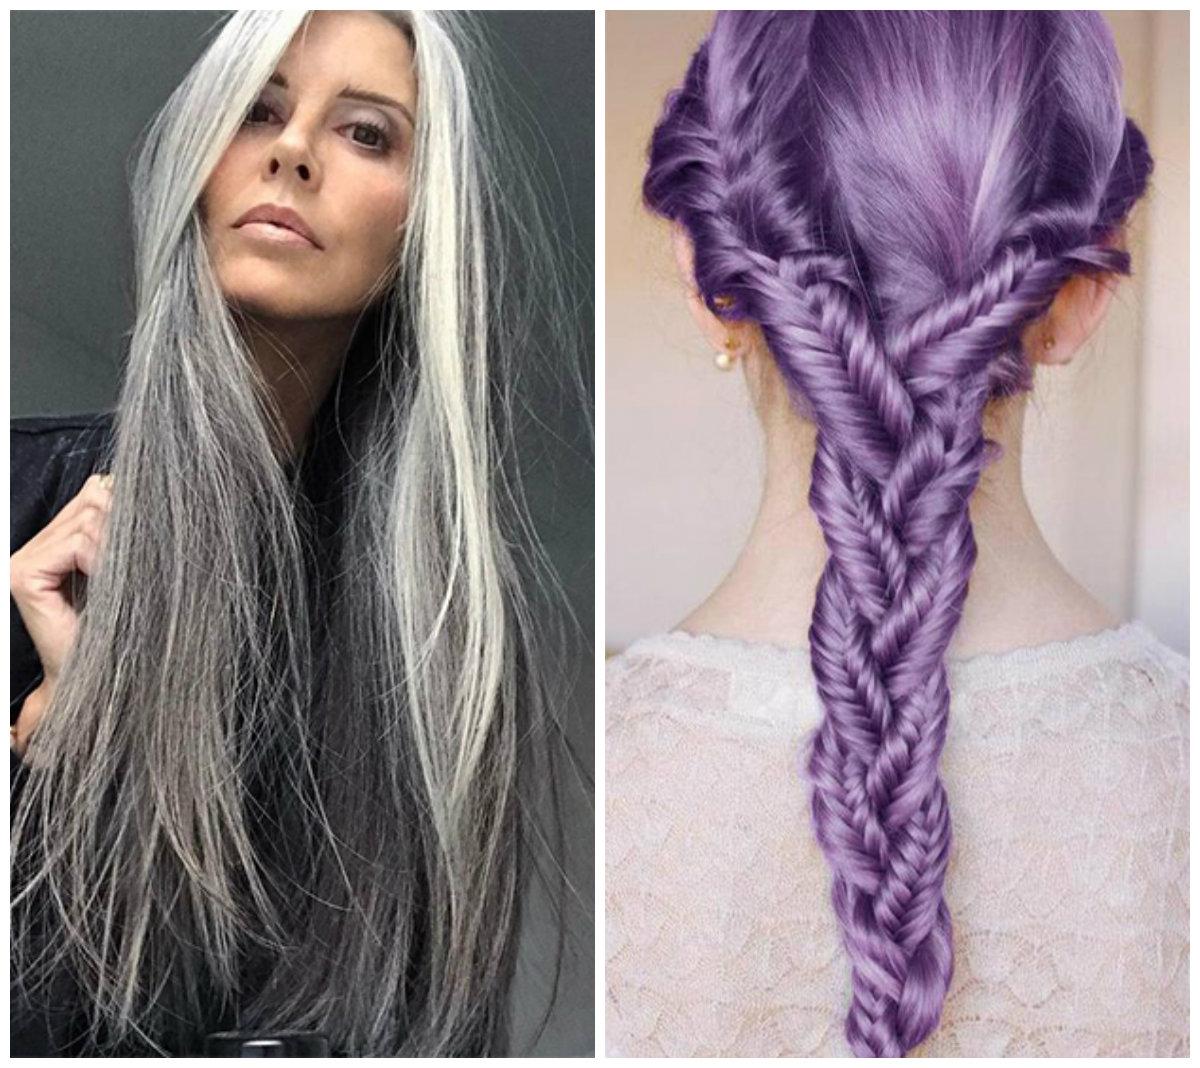 penteados para ano novo 2019, cores em moda